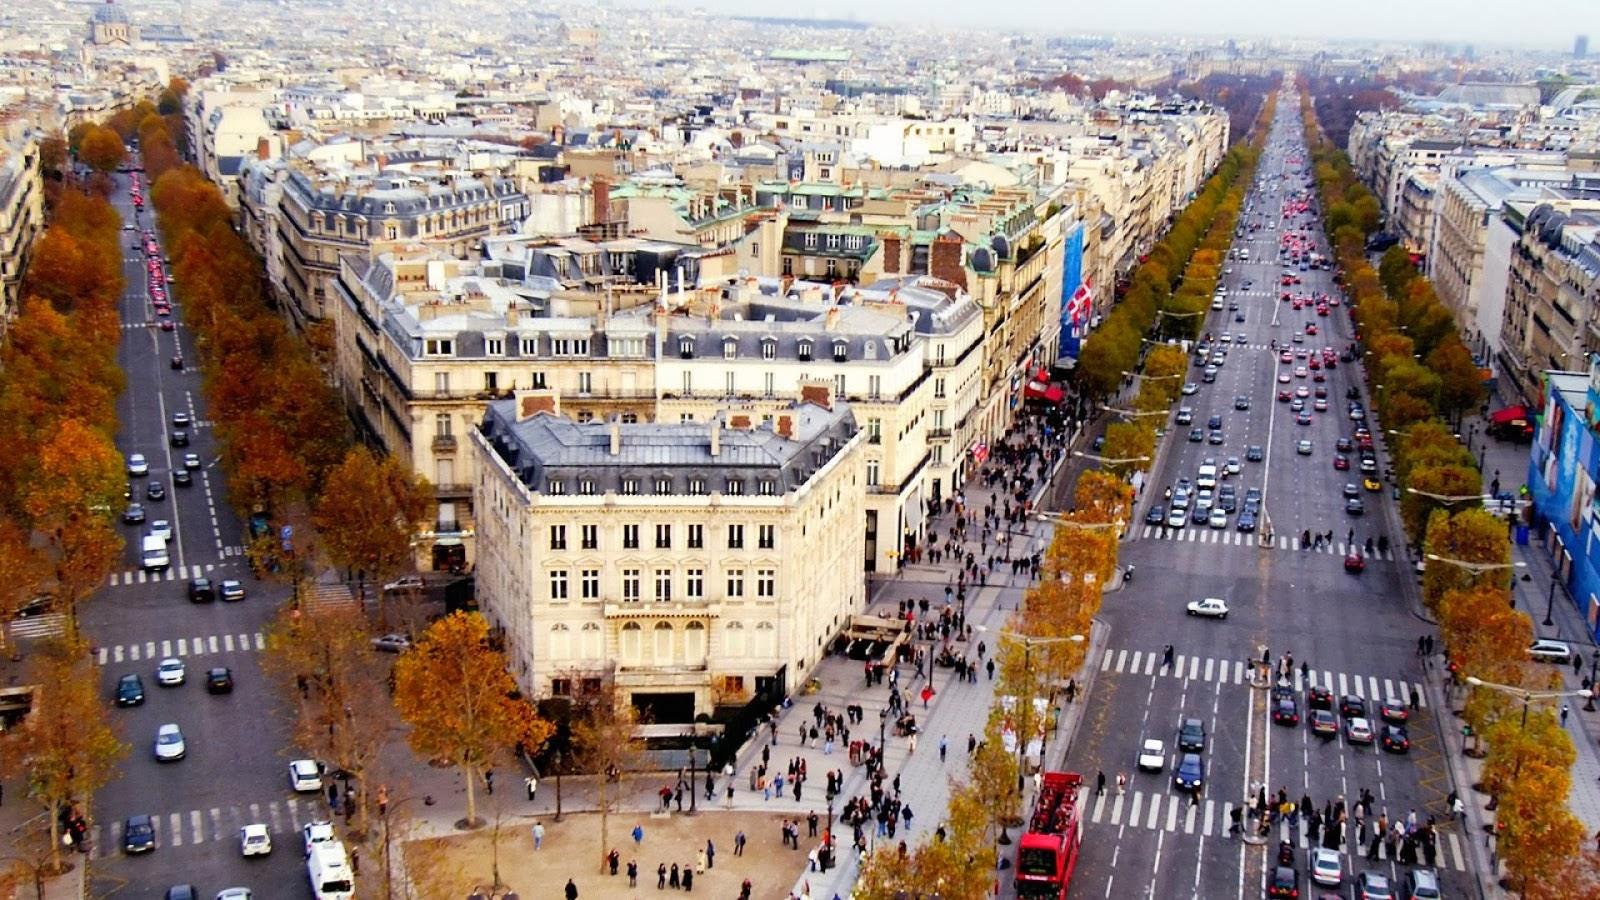 Wallpaper download paris - Paris City Hd Wallpapers In 1080p